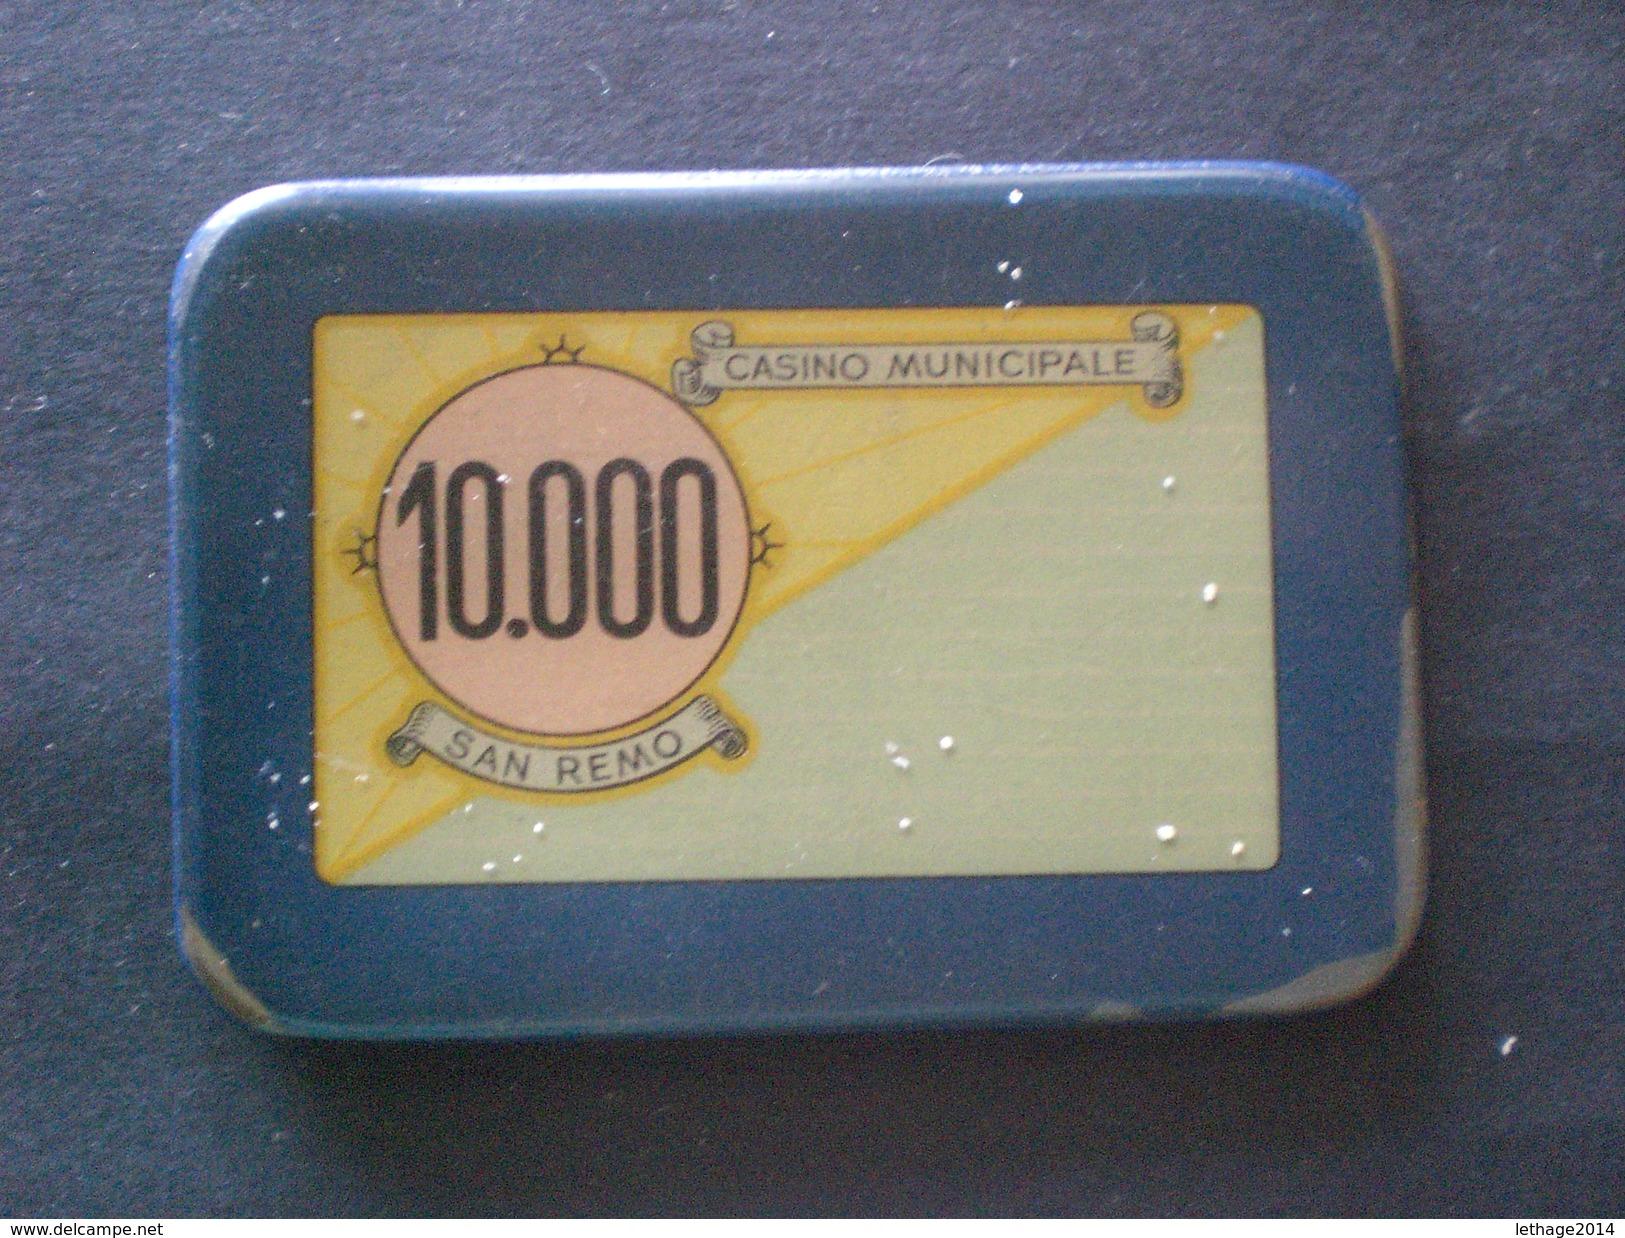 CHIPS FISH FICHES JETTON CASINO SANREMO ANNI 60 DA 10000 LIRE - Casino